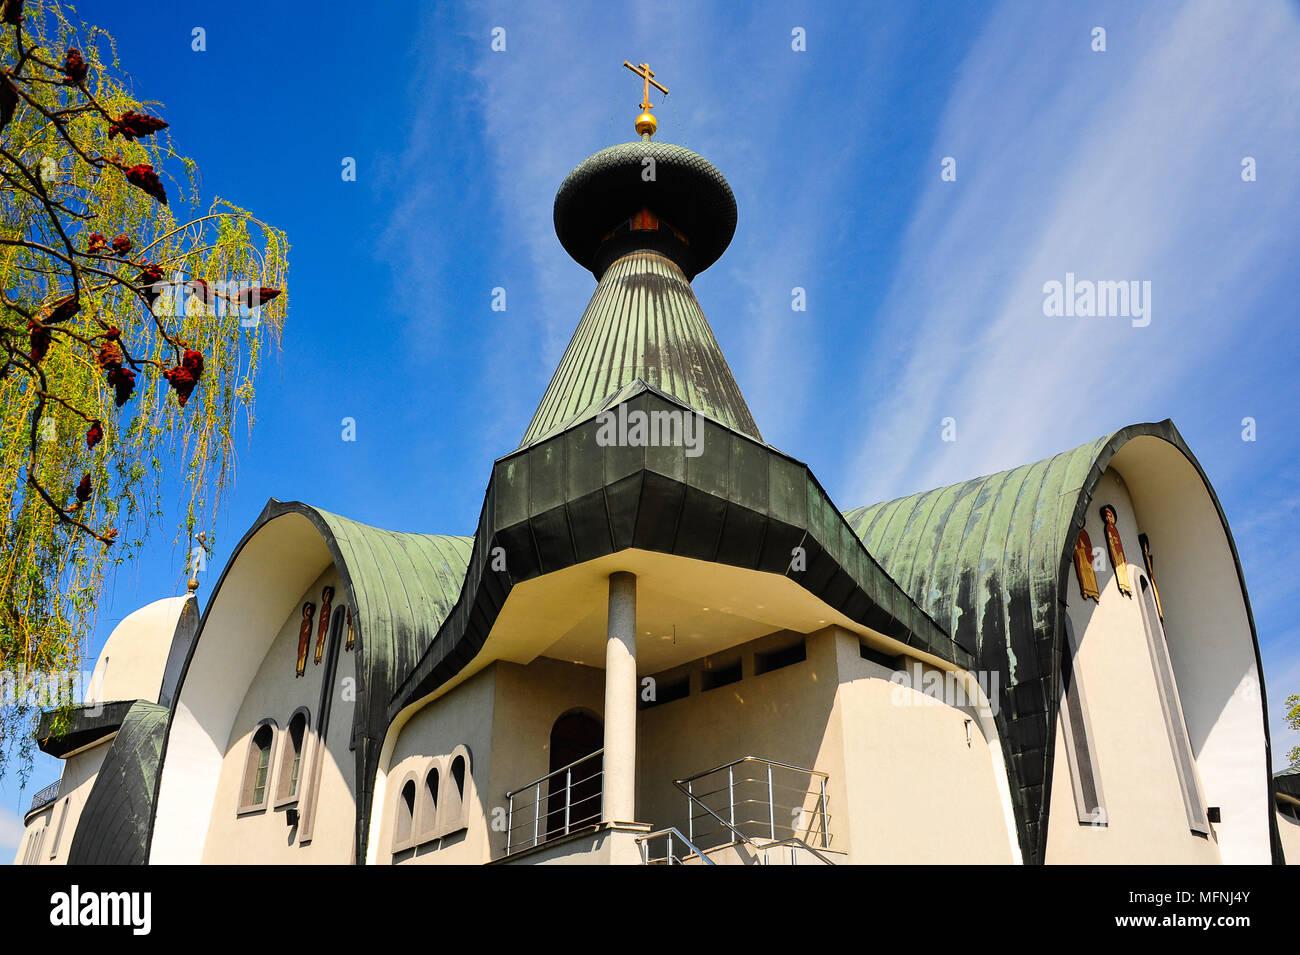 Blue sky and green roof, Holy Trinity Orthodox Church, Hajnowka in Poland - Stock Image